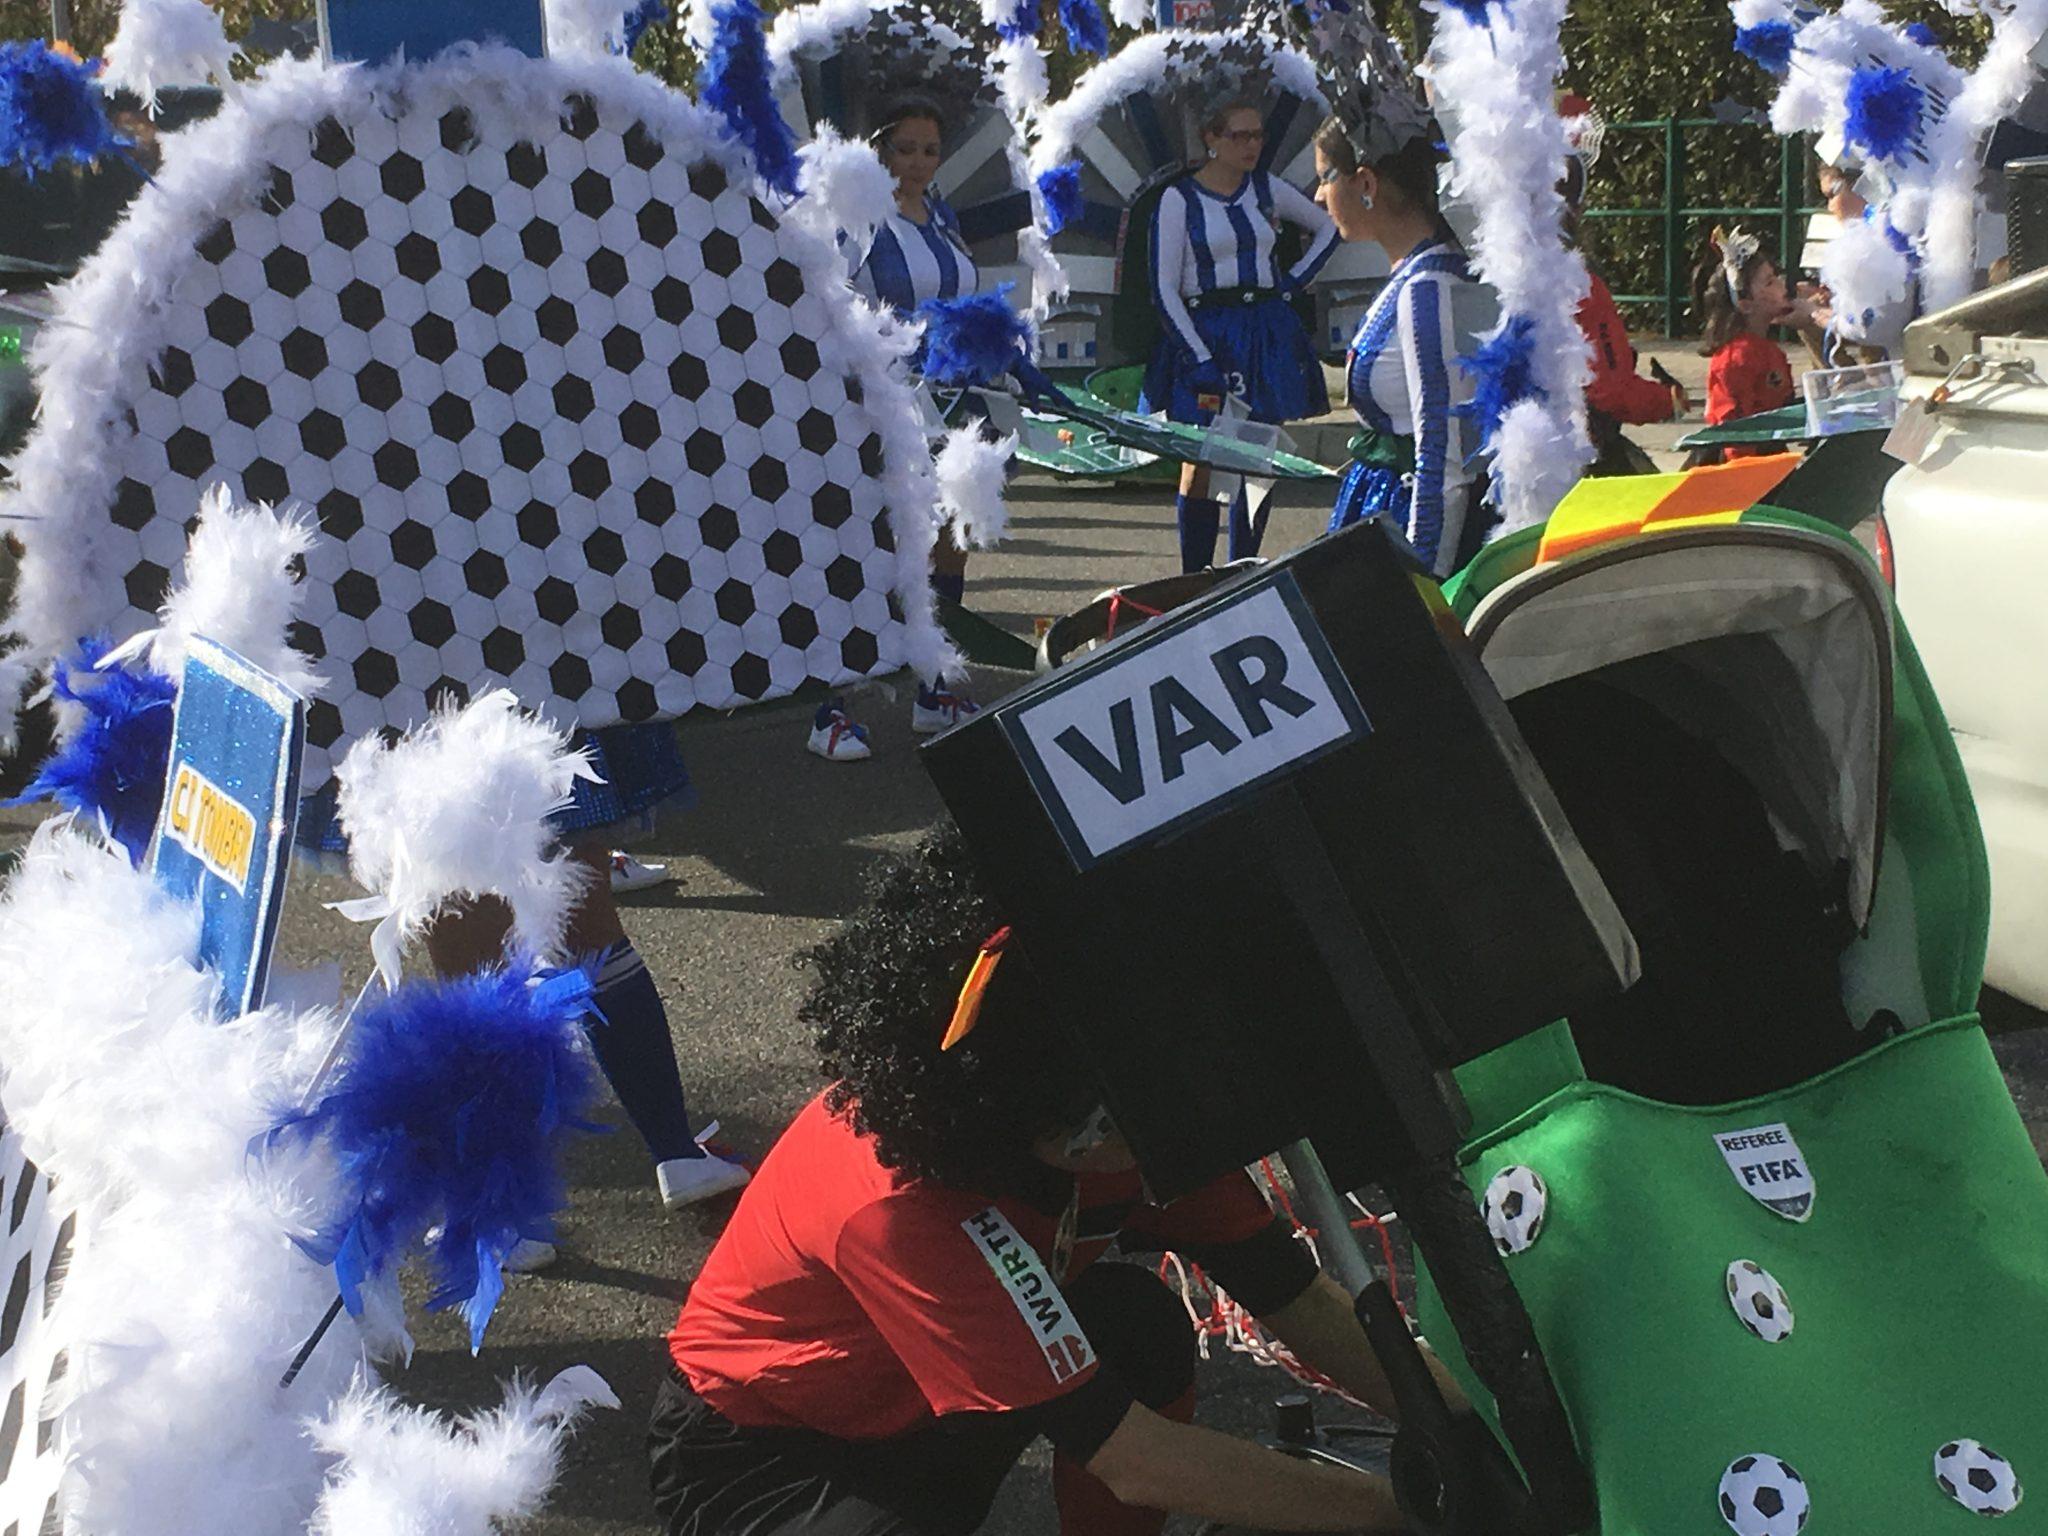 Desfile de Carnaval Cubillos del Sil 2019 - Álbum de fotos 53